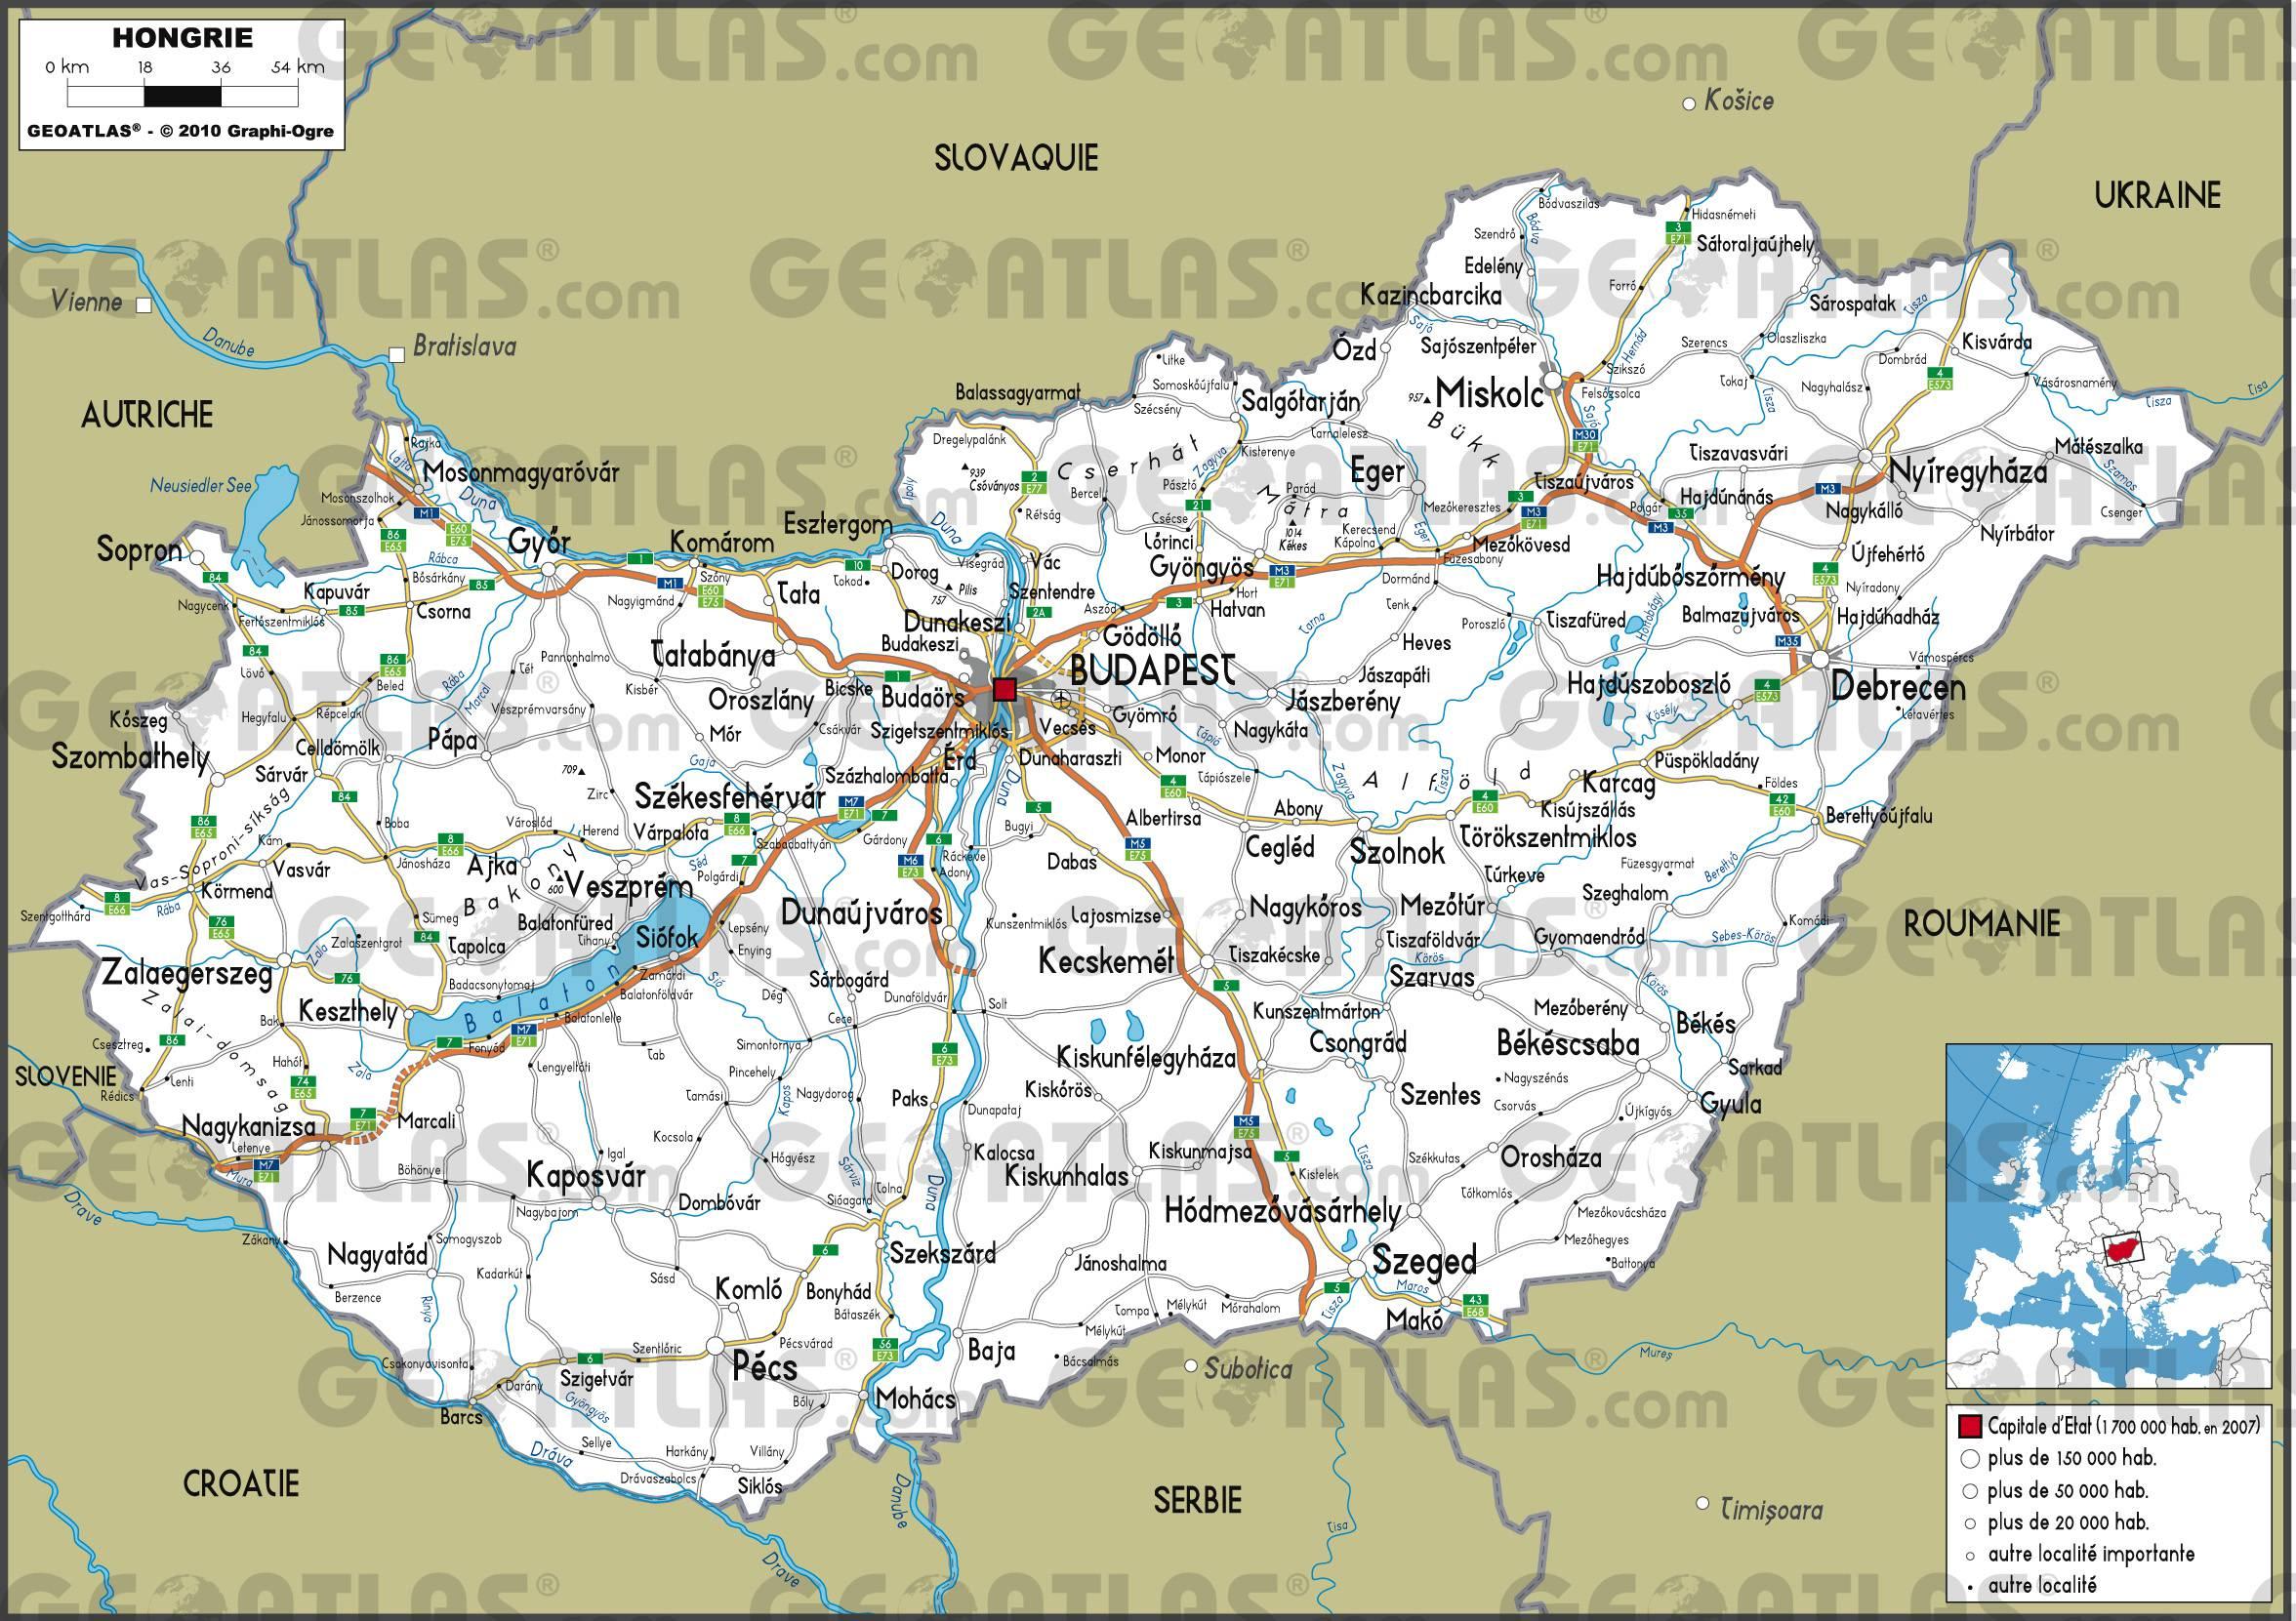 Carte routière de la Hongrie